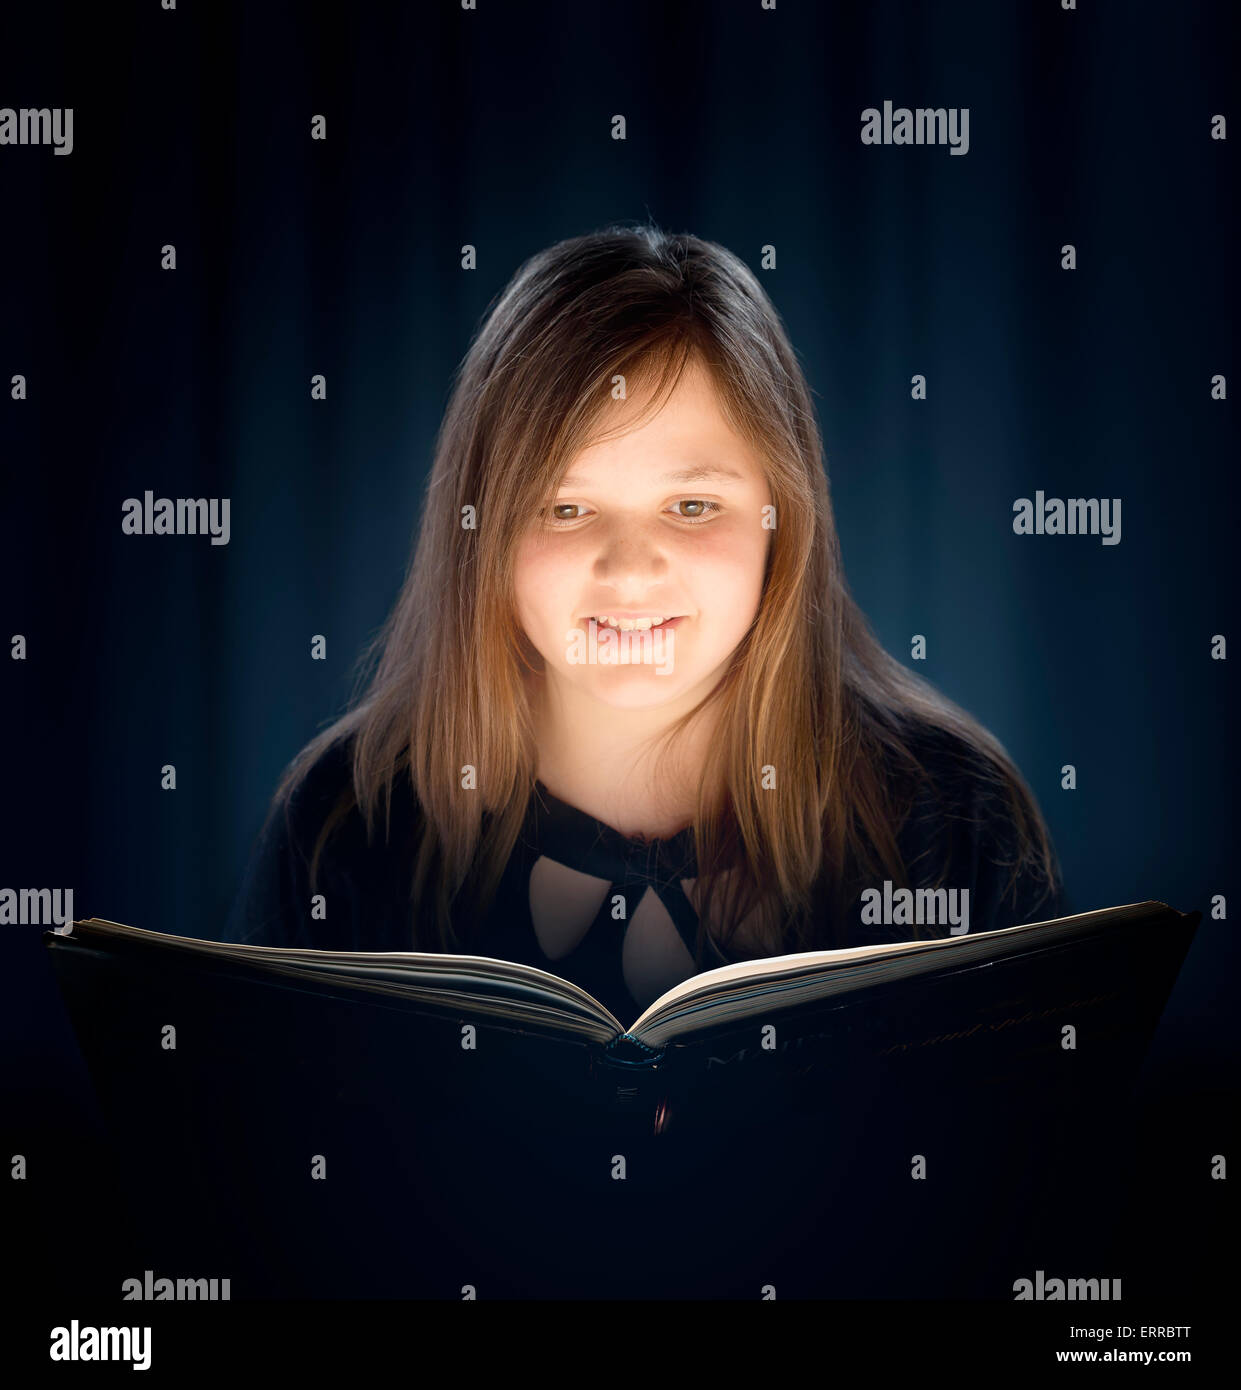 Junges Mädchen mit langen Haaren, einem Buch mit leuchtenden Licht Stockbild